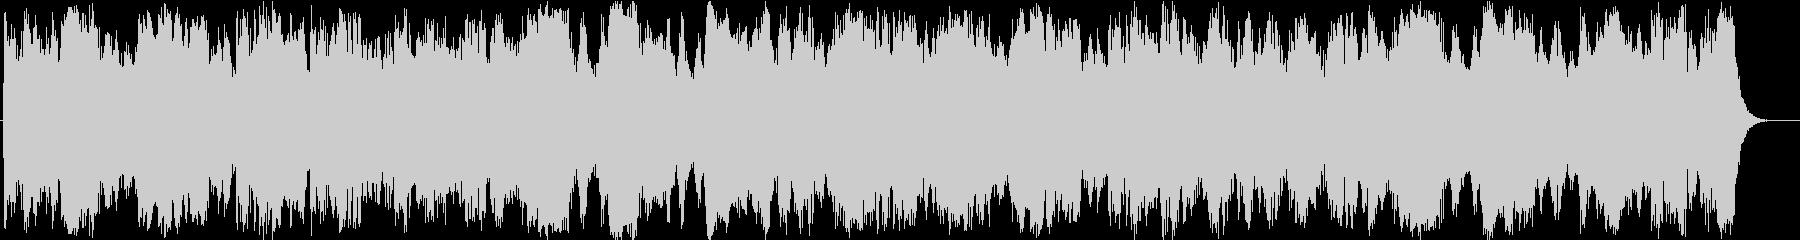 風の音が印象的なヒーリング音楽の未再生の波形